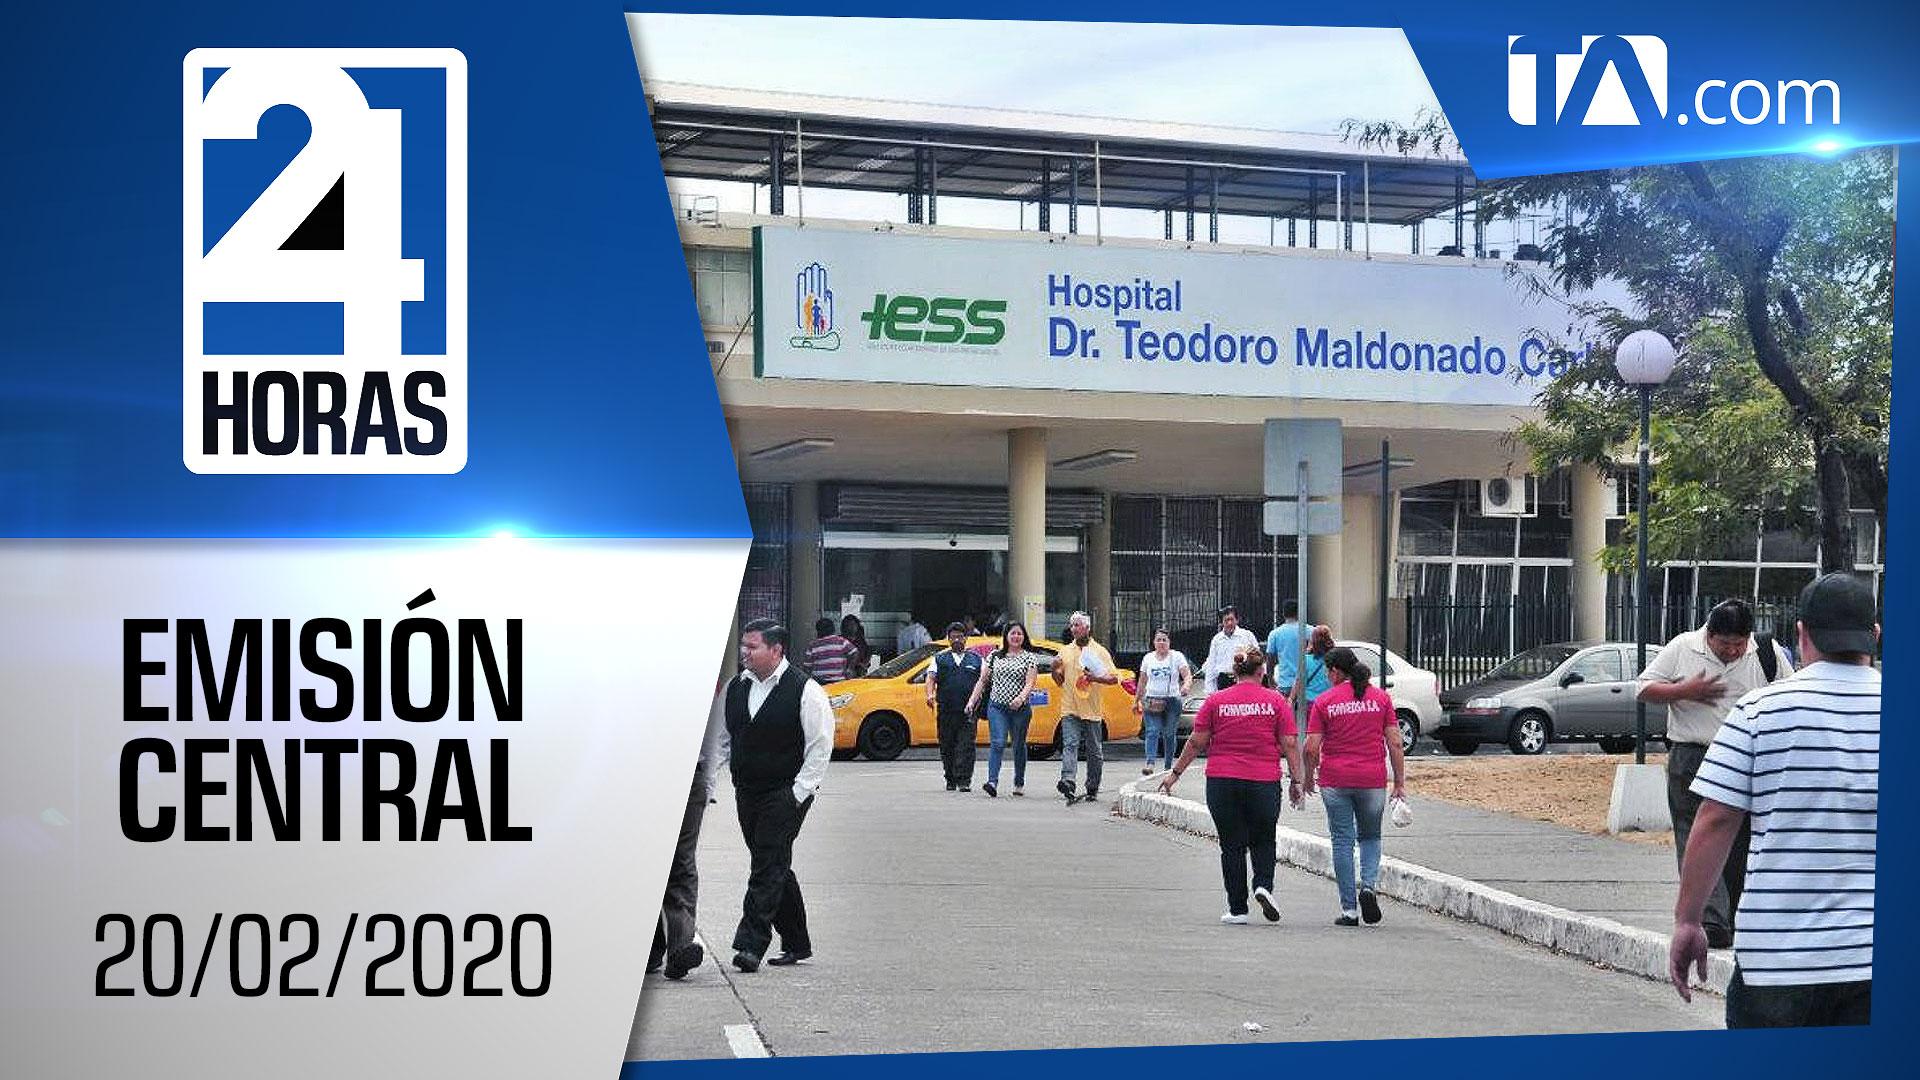 Noticiero 24 Horas, 20/02/2020 (Emisión Central)